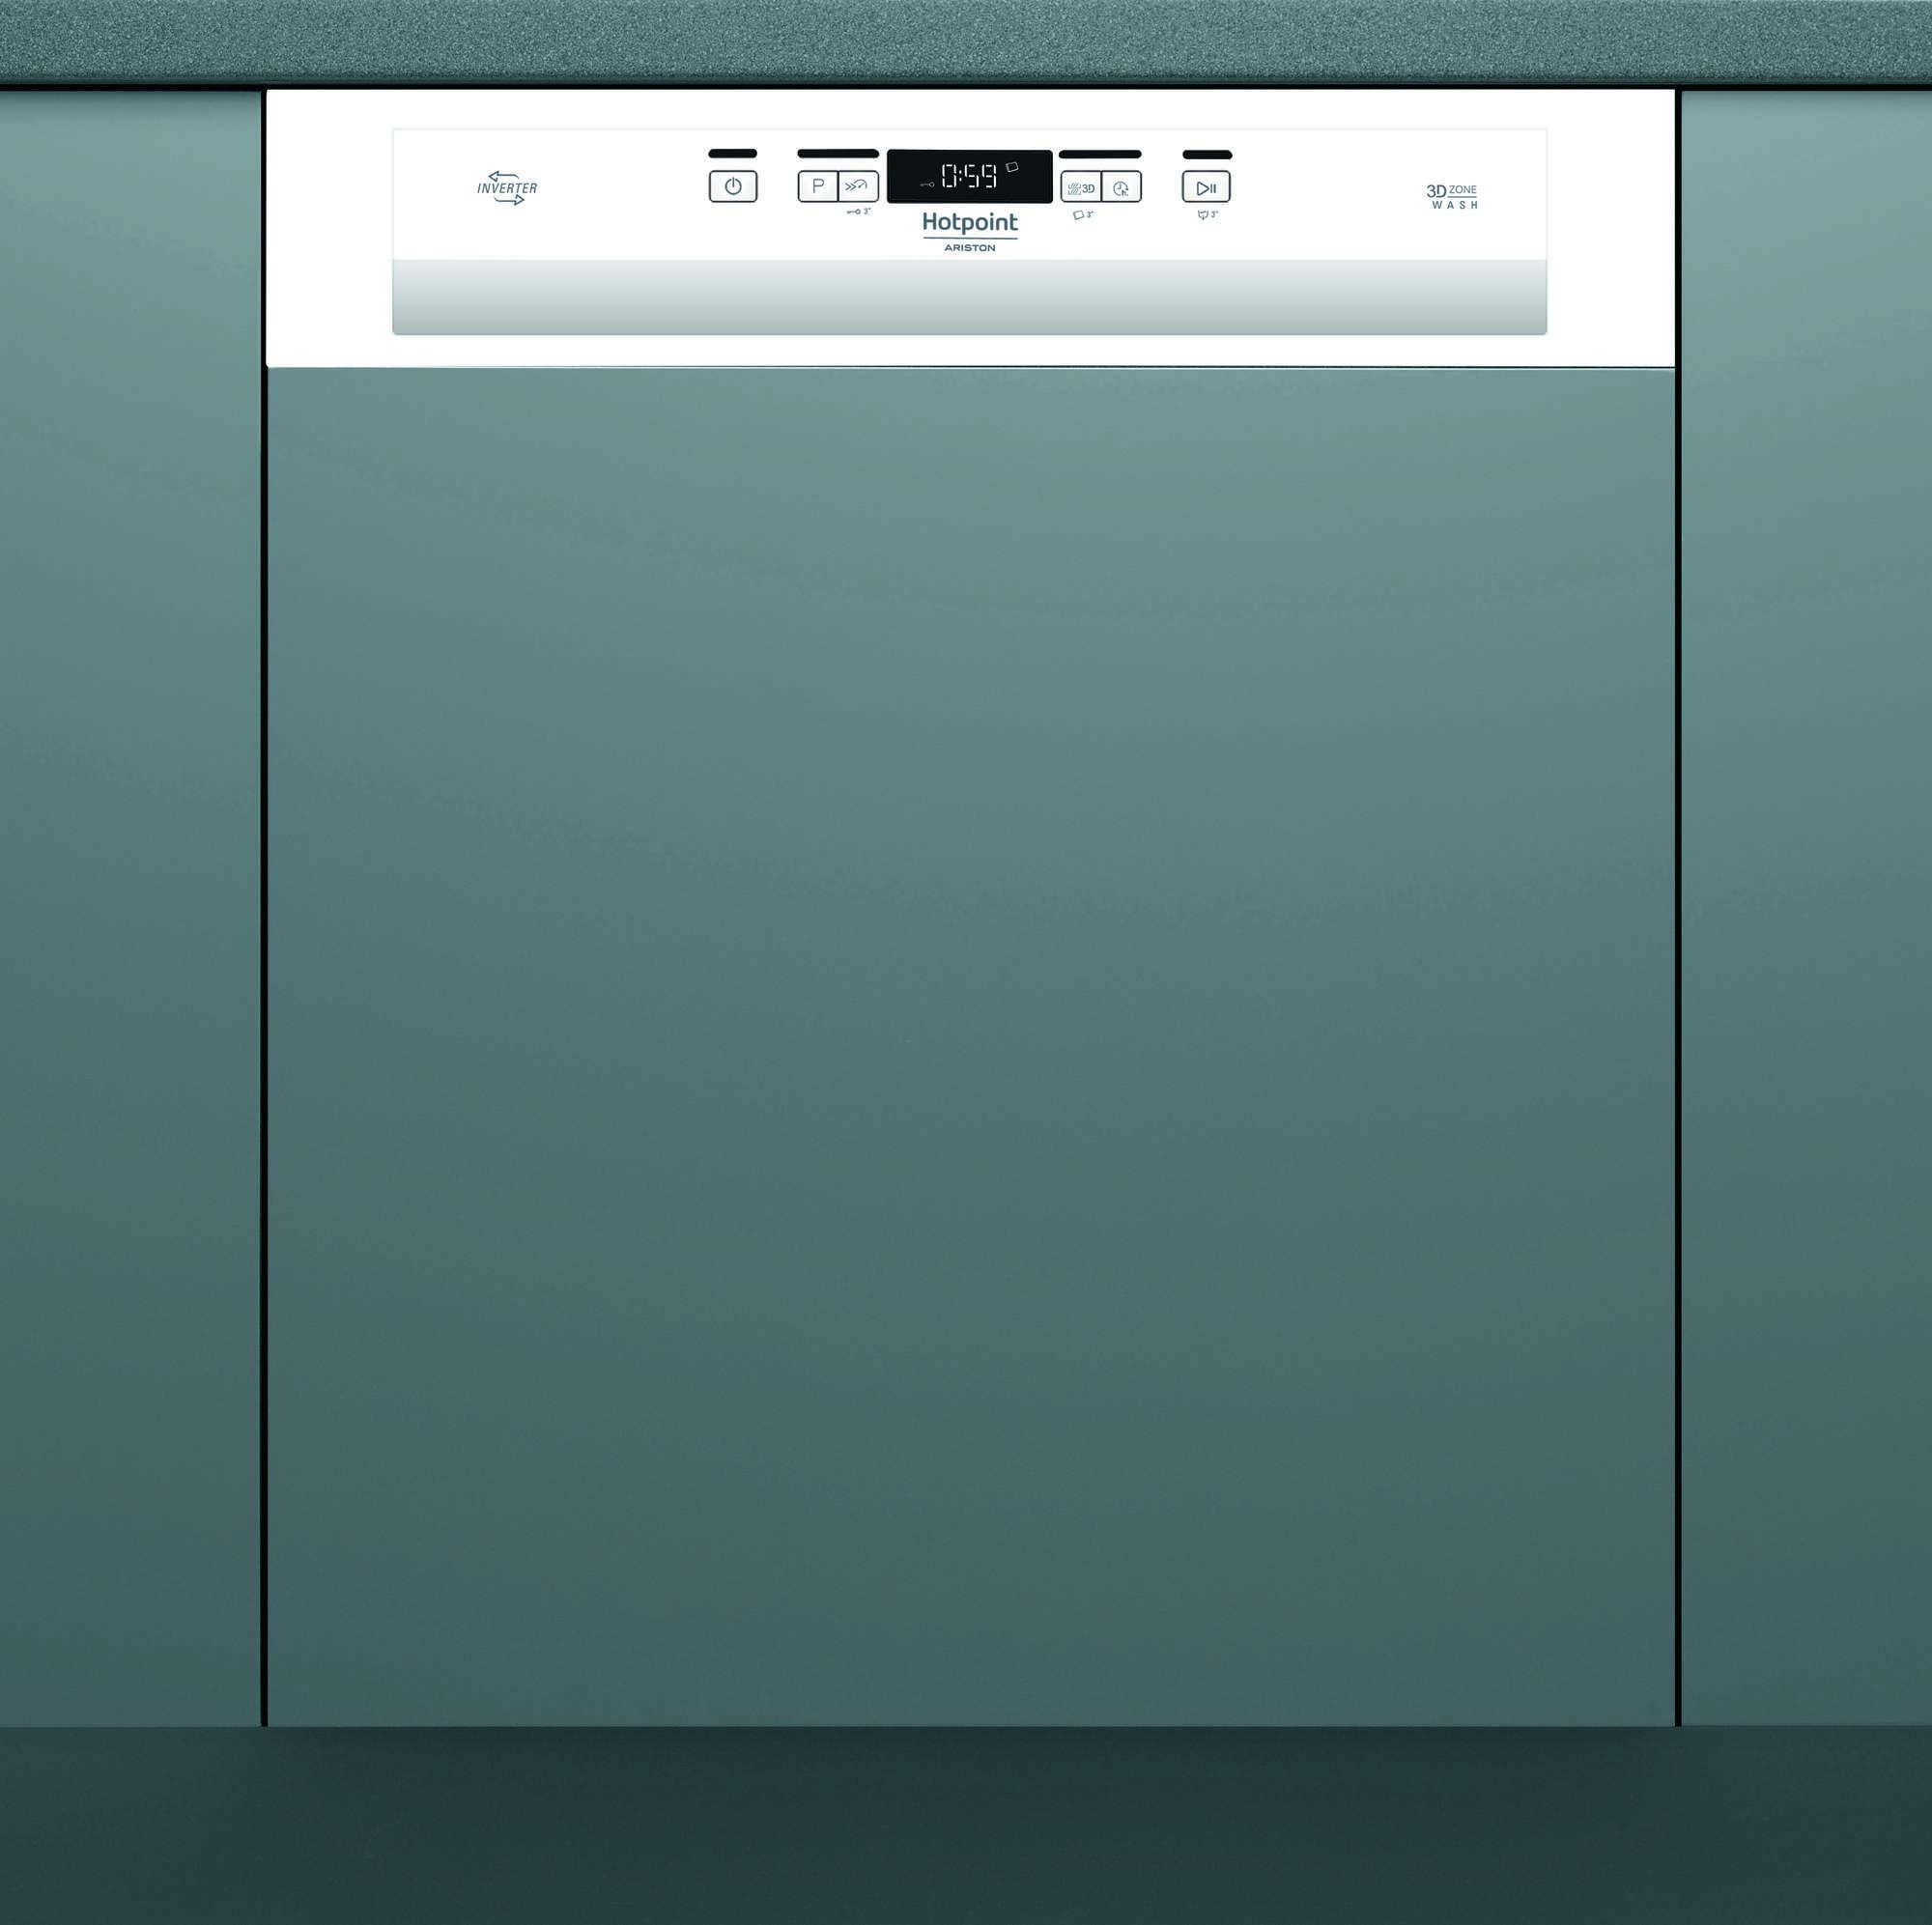 lave vaisselle demi charge zoom sur le mini parfait dans les petites cuisines with lave. Black Bedroom Furniture Sets. Home Design Ideas